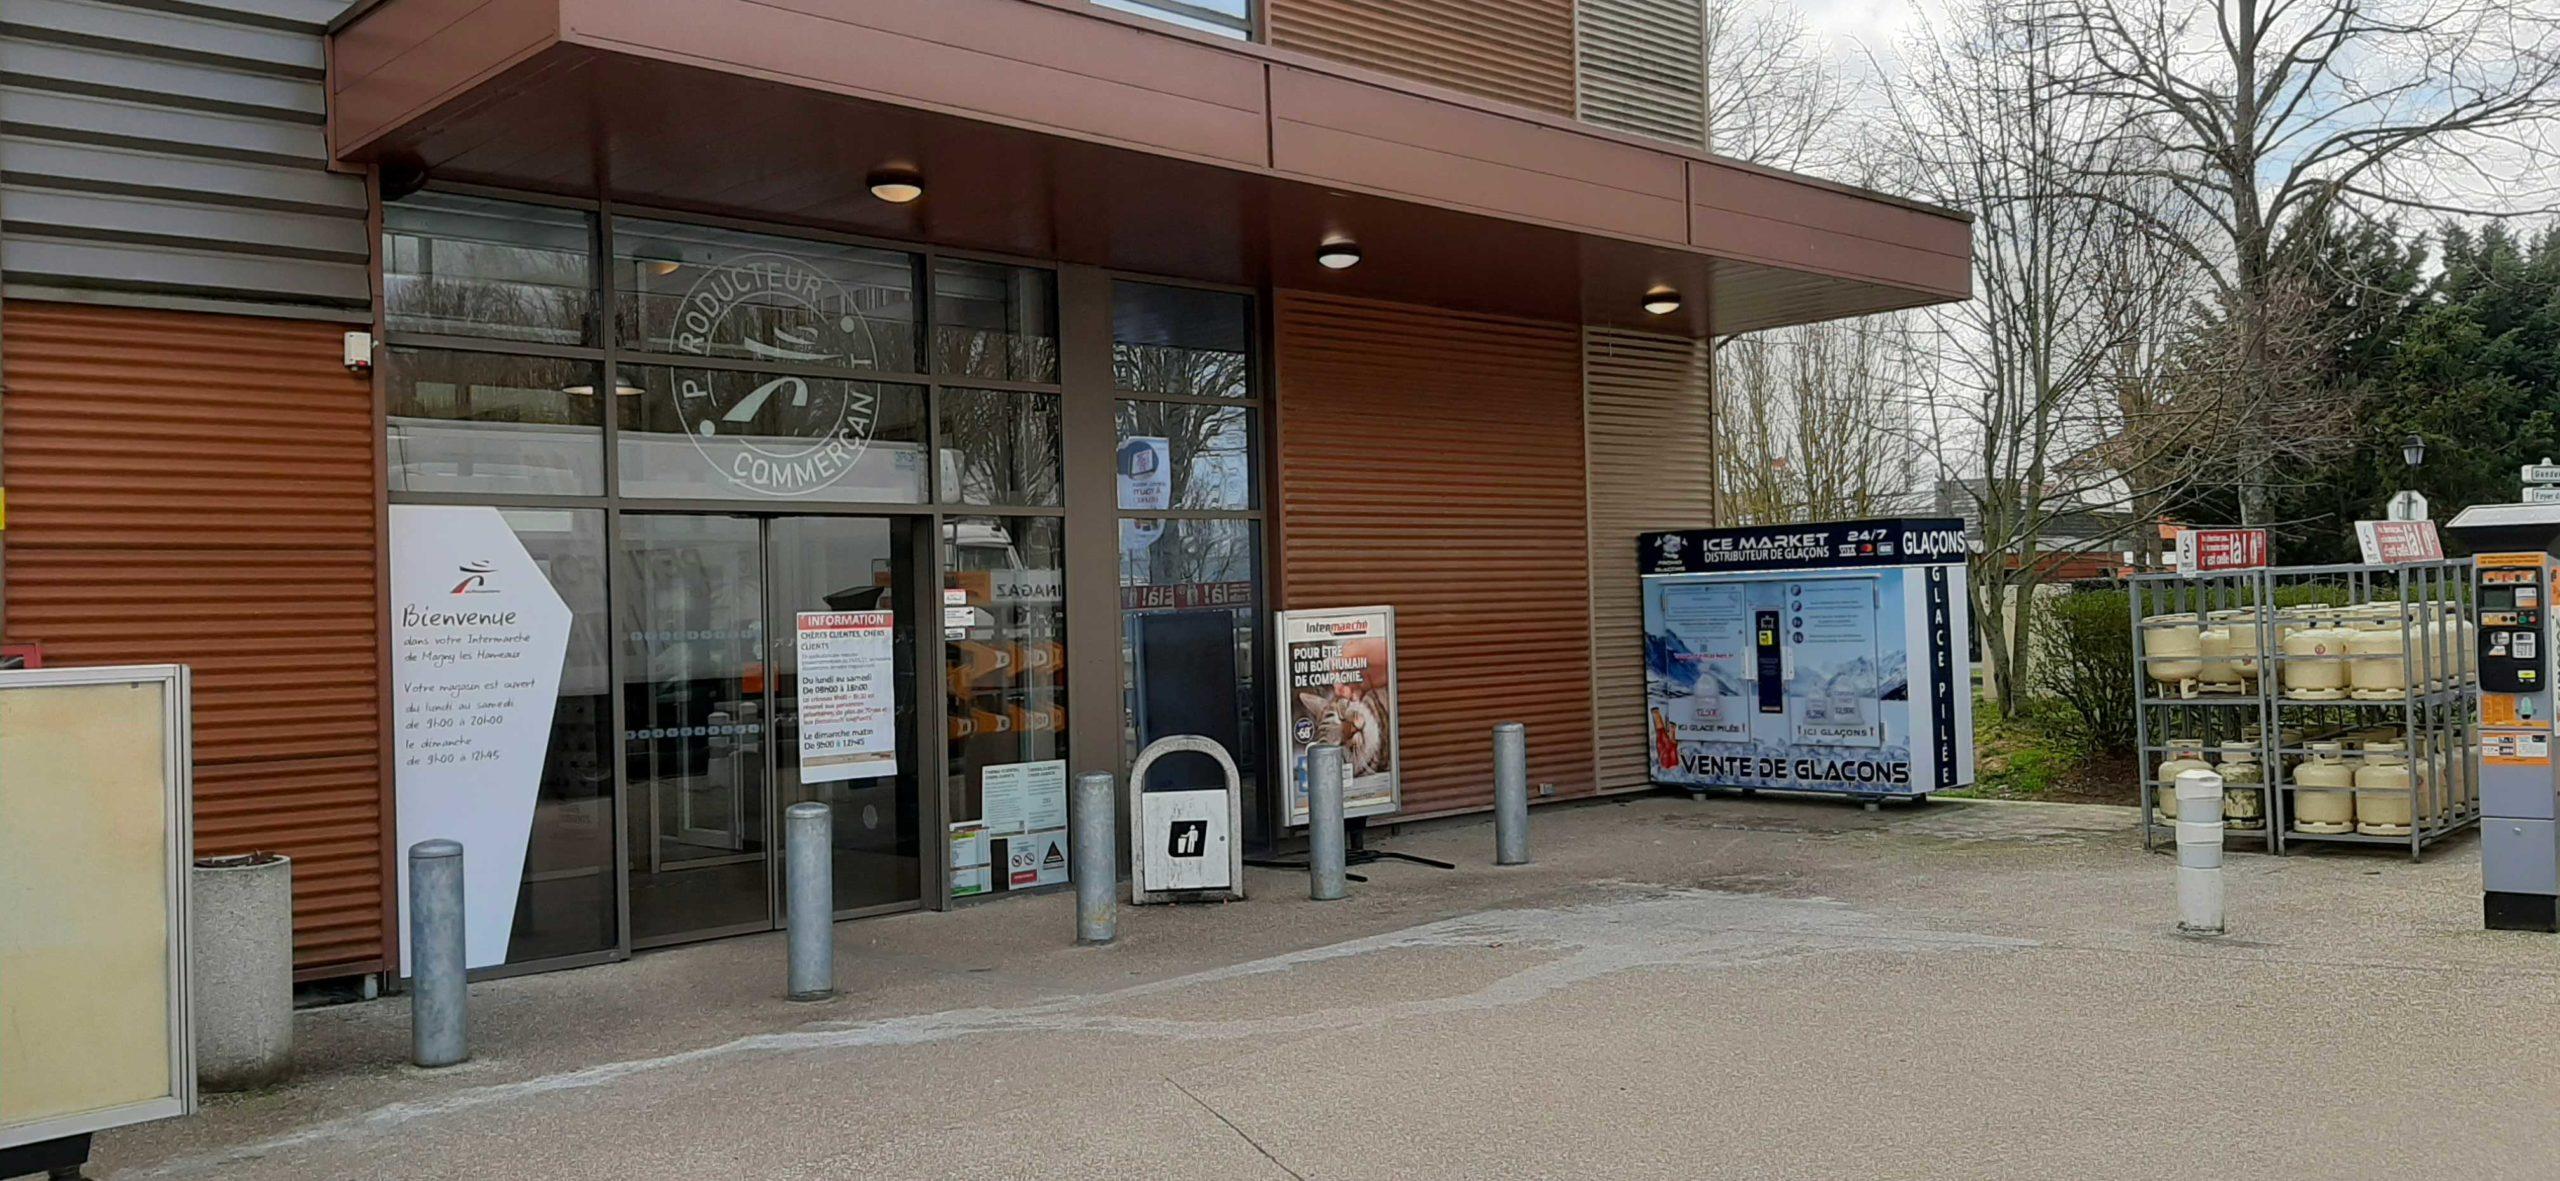 Distribteur-automatique-de-glaçons-et-glace-pilée-Intermarché-Magny-les-Hameaux